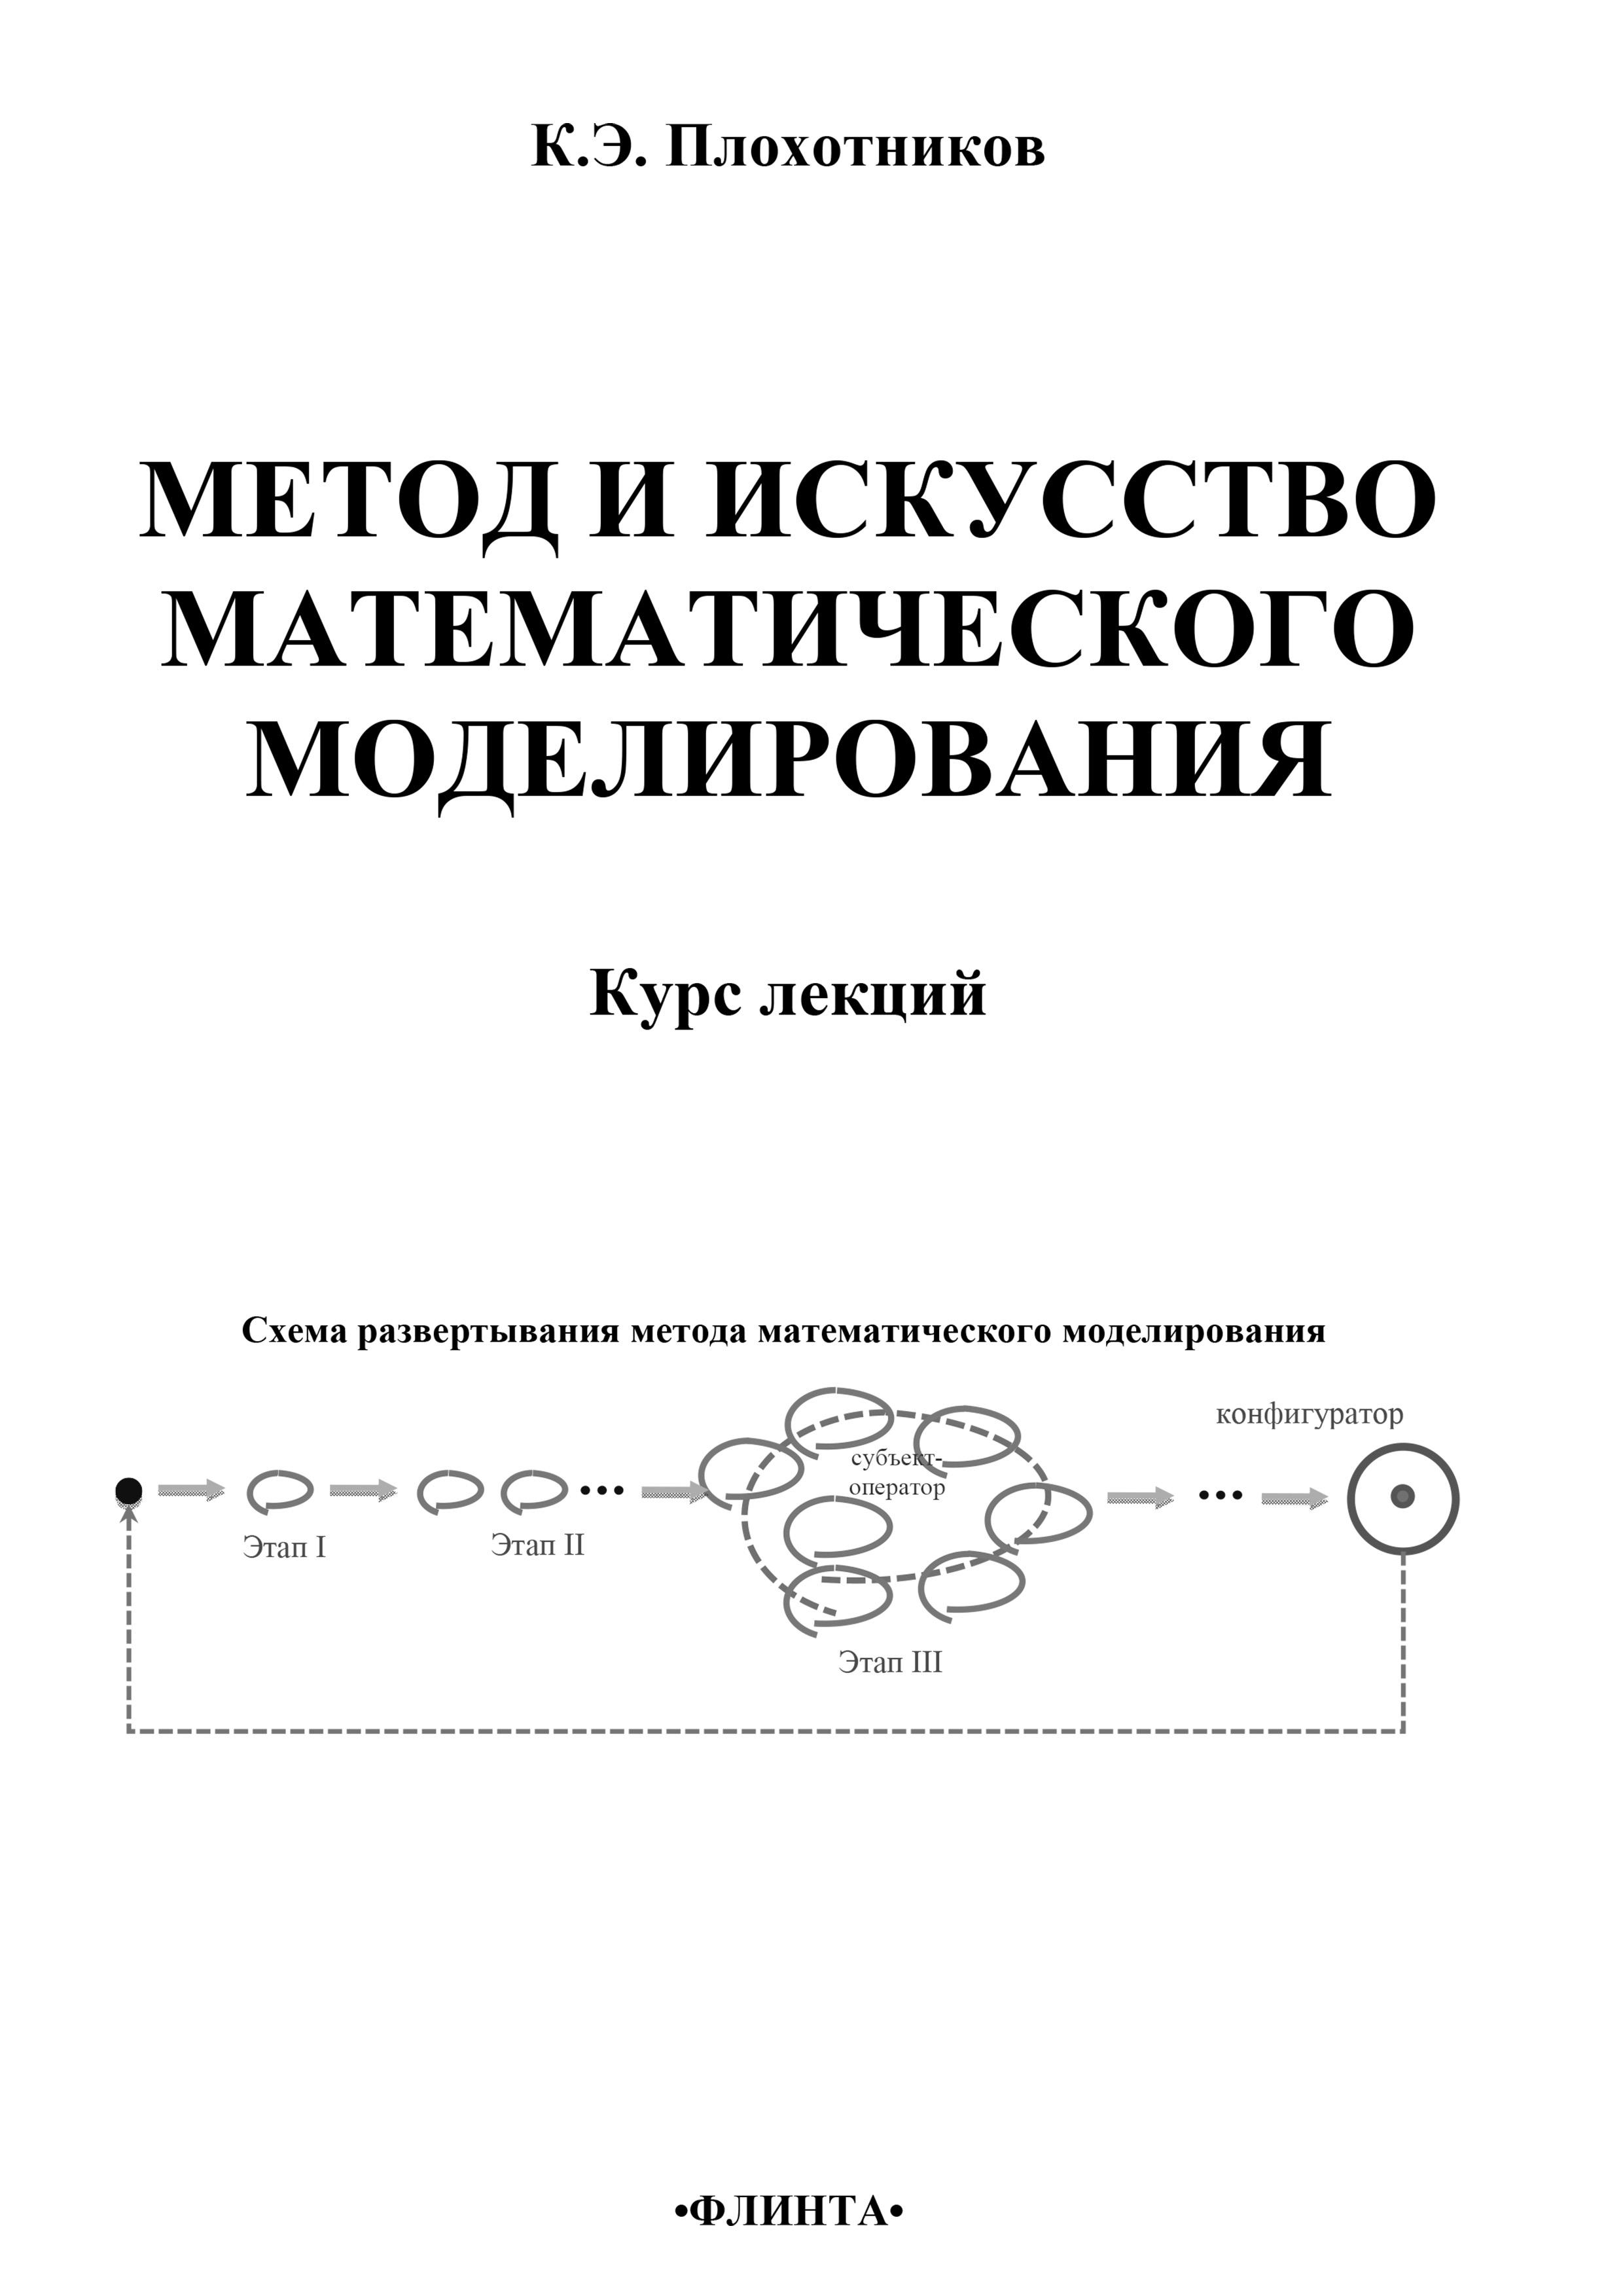 Метод и искусство математического моделирования. Курс лекций